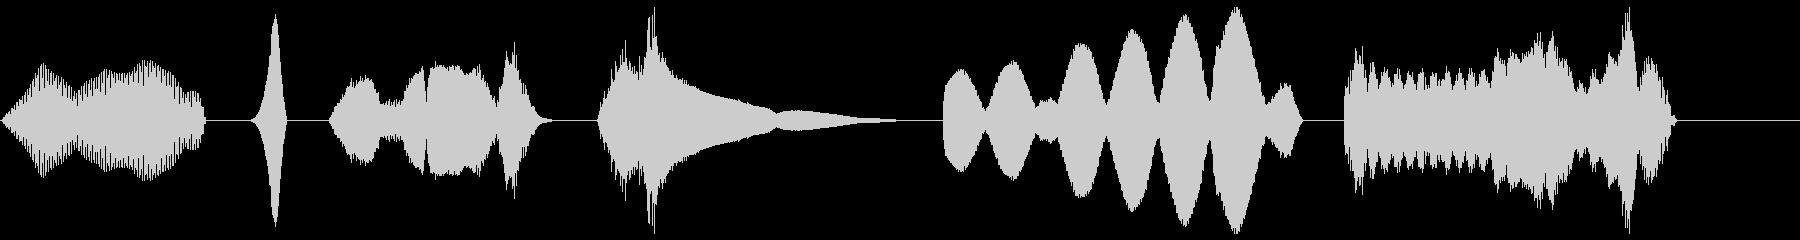 電磁気学1 X6の未再生の波形